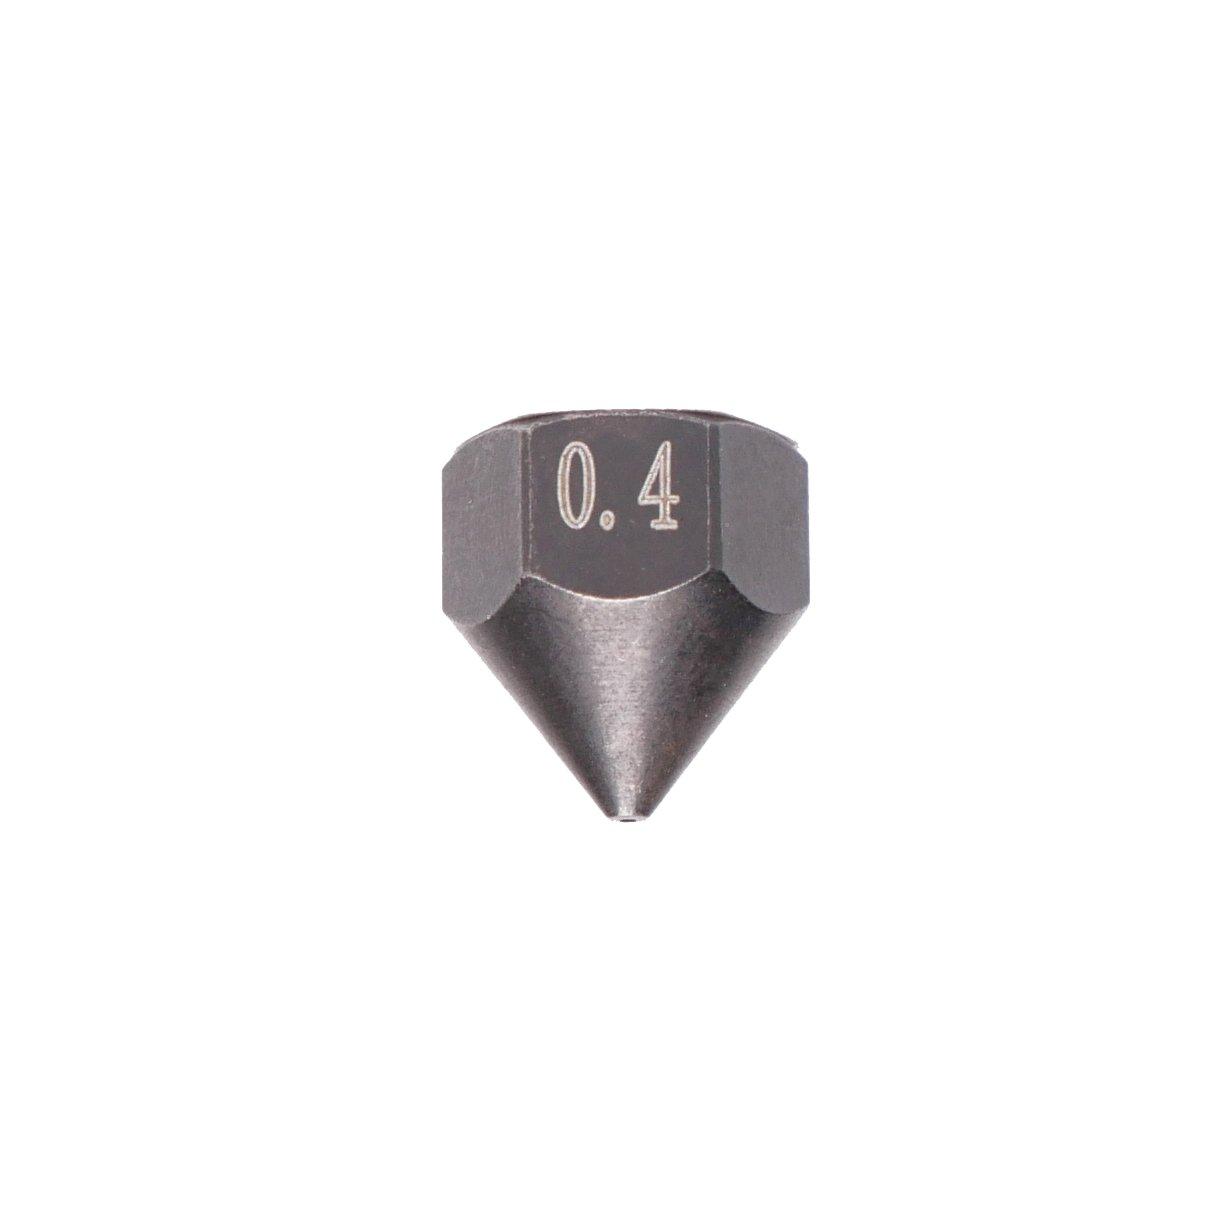 Tiertime Wear Resistant Steel Nozzle - 0.4mm